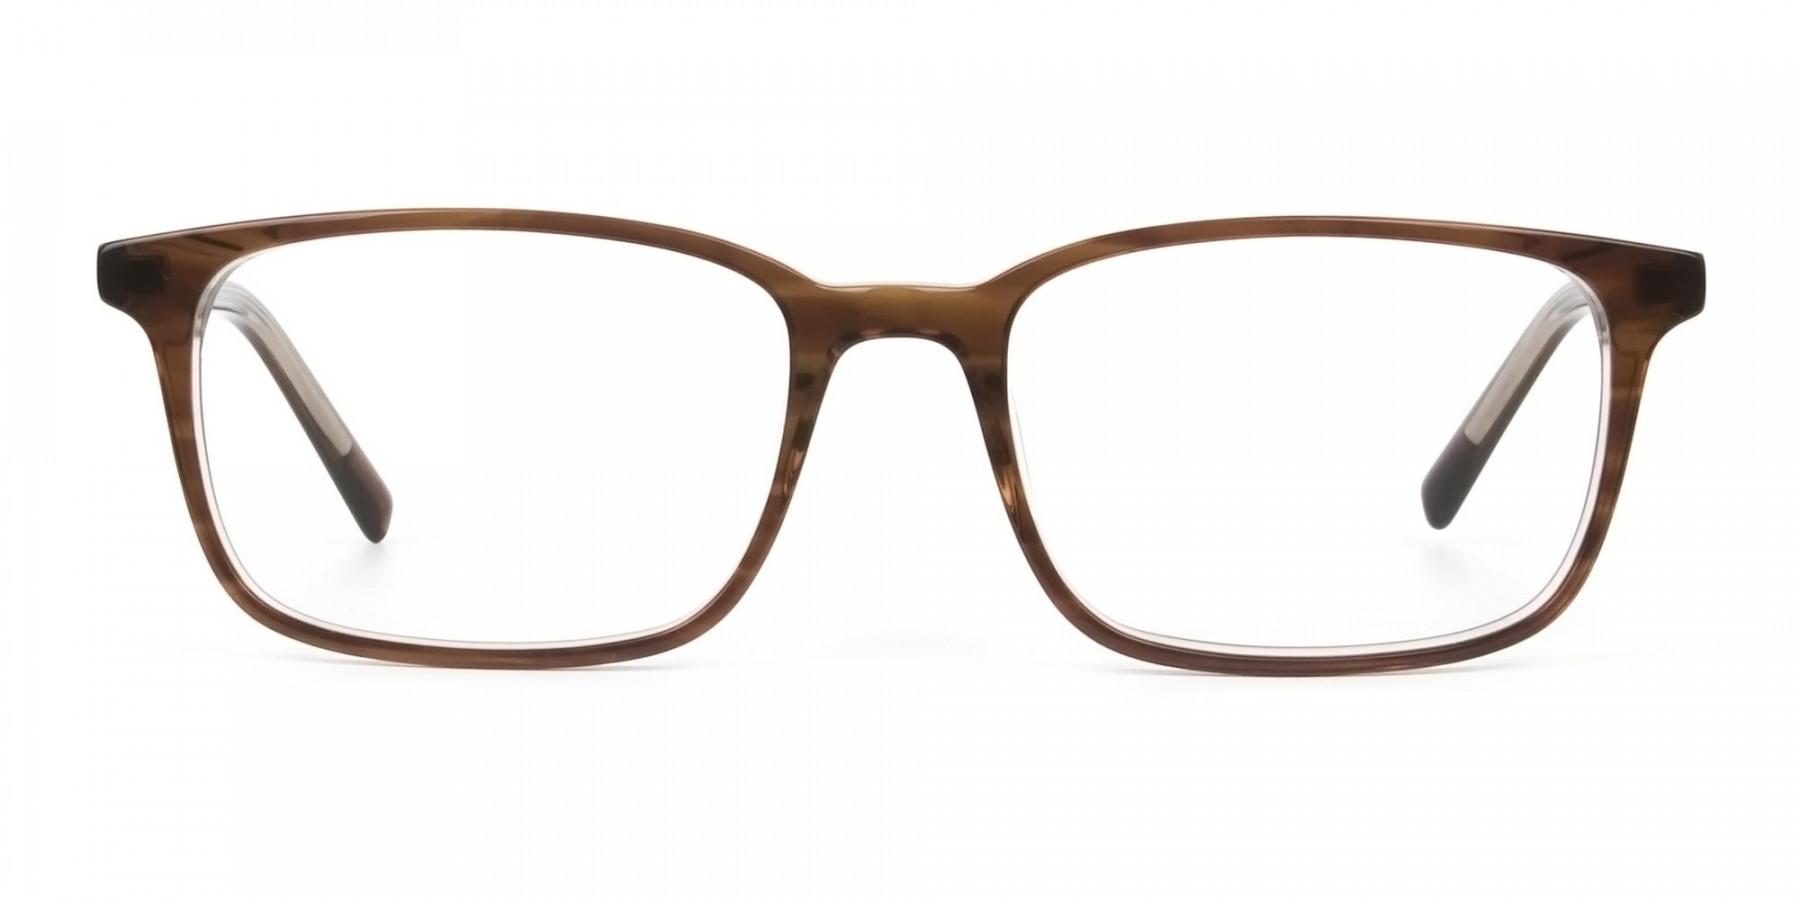 Hazel Brown Eyeglasses Rectangle & Acetate Frame - 1